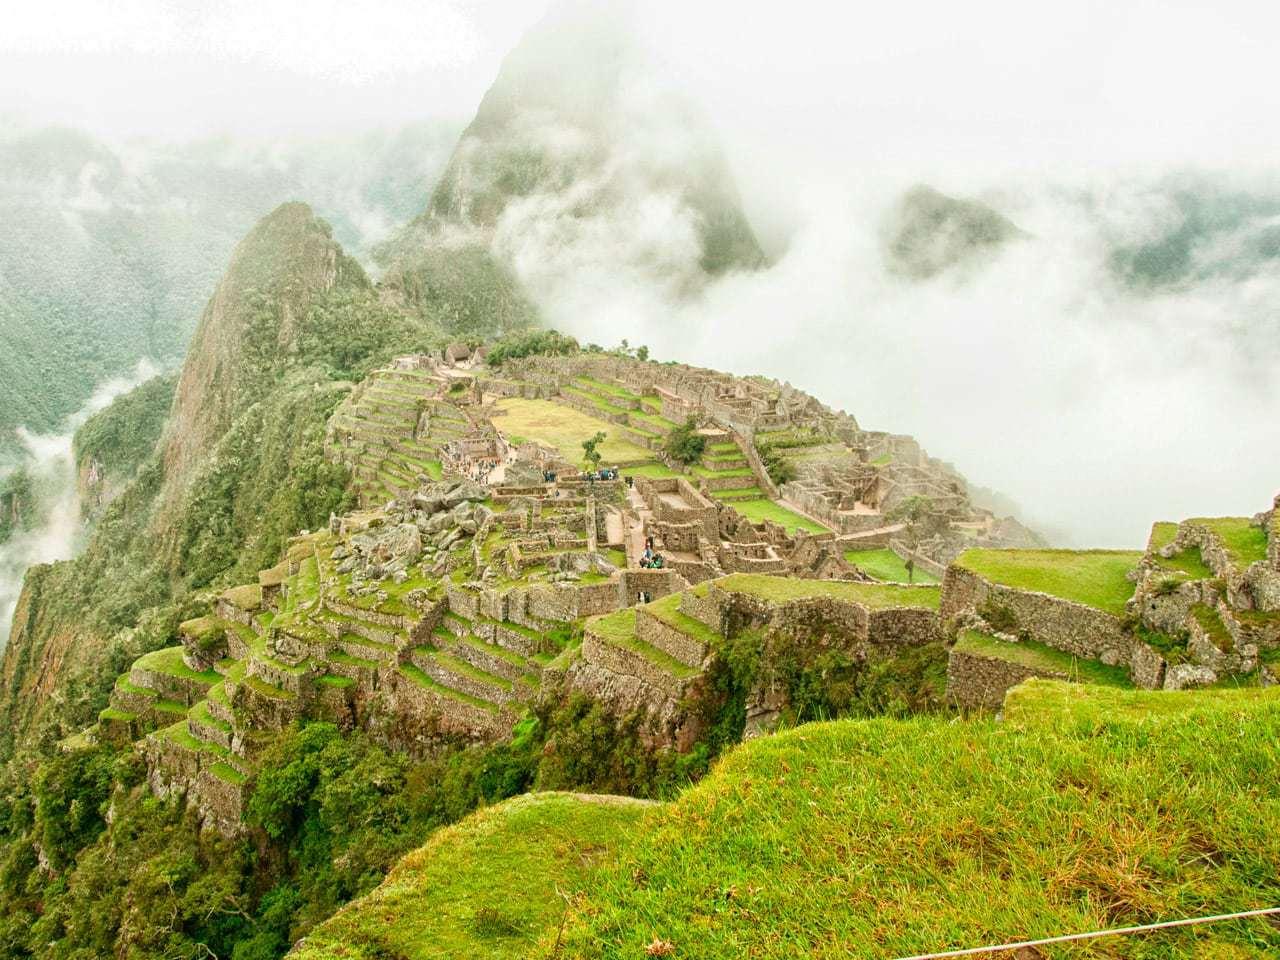 Wyprawa do Machu Picchu w Peru